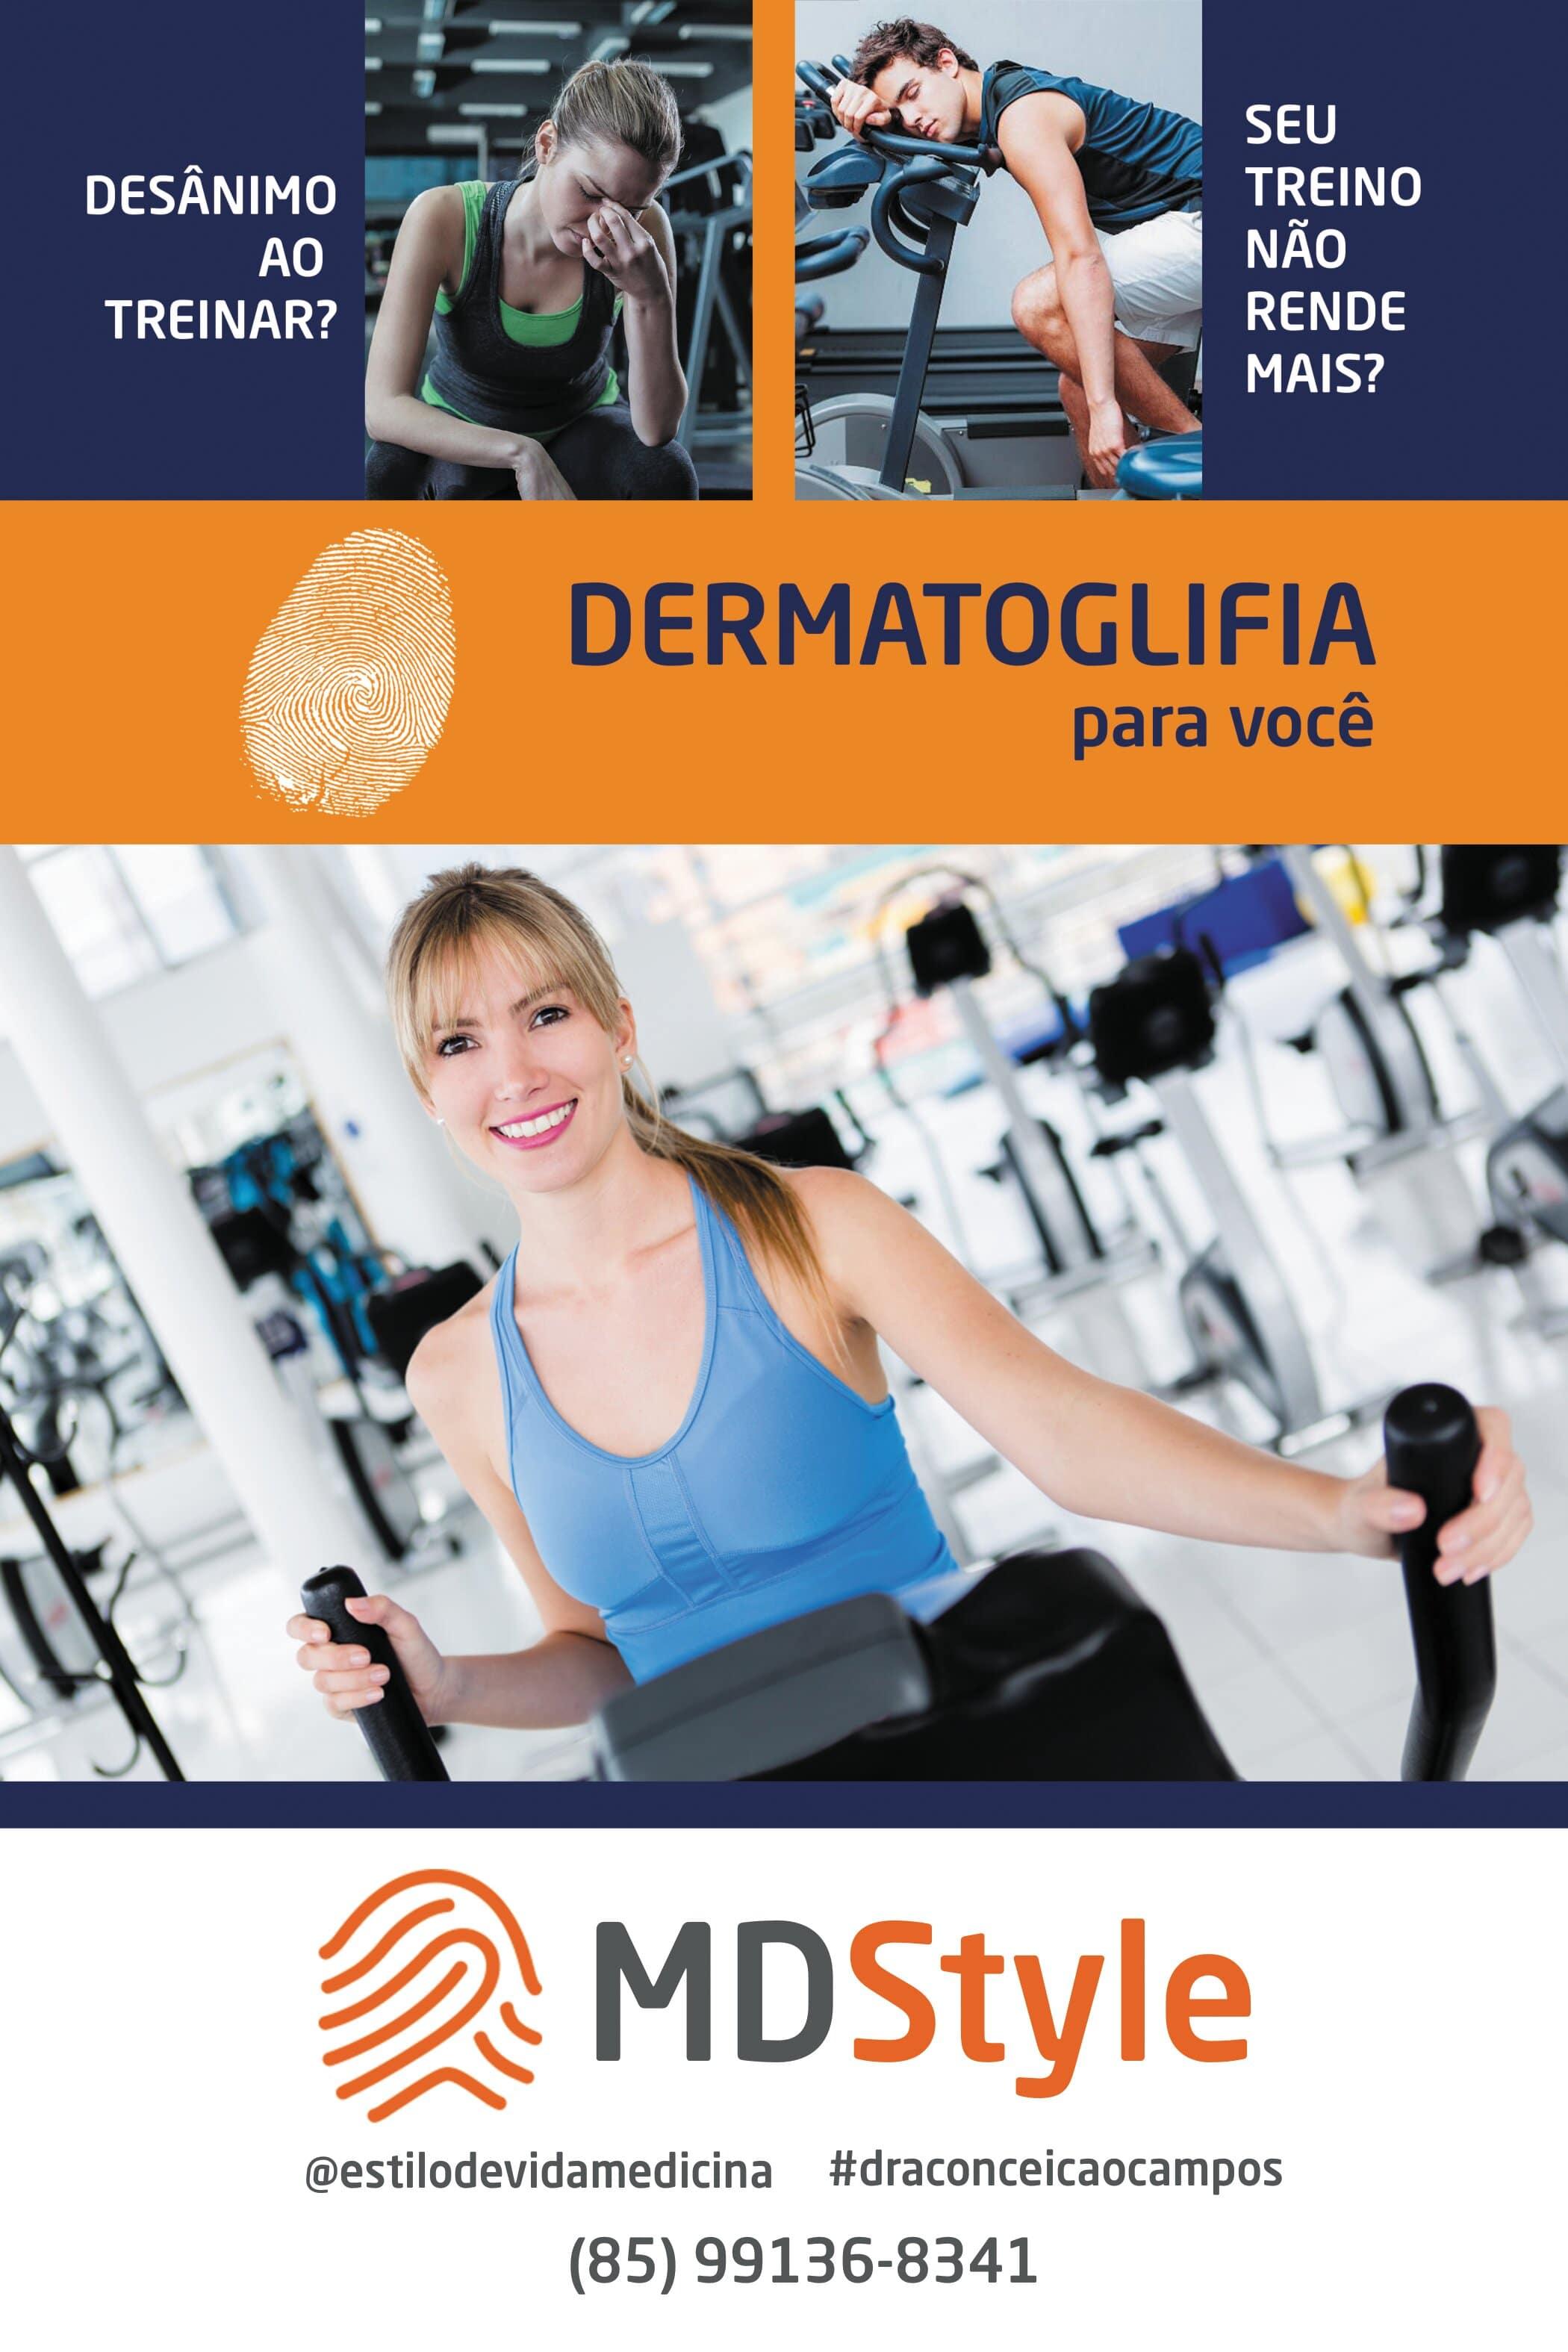 Descubra qual exercício é o melhor para você! Laudo Dermatoglífico de R$350 por apenas R$300 em até 3x sem Juros na MD Style